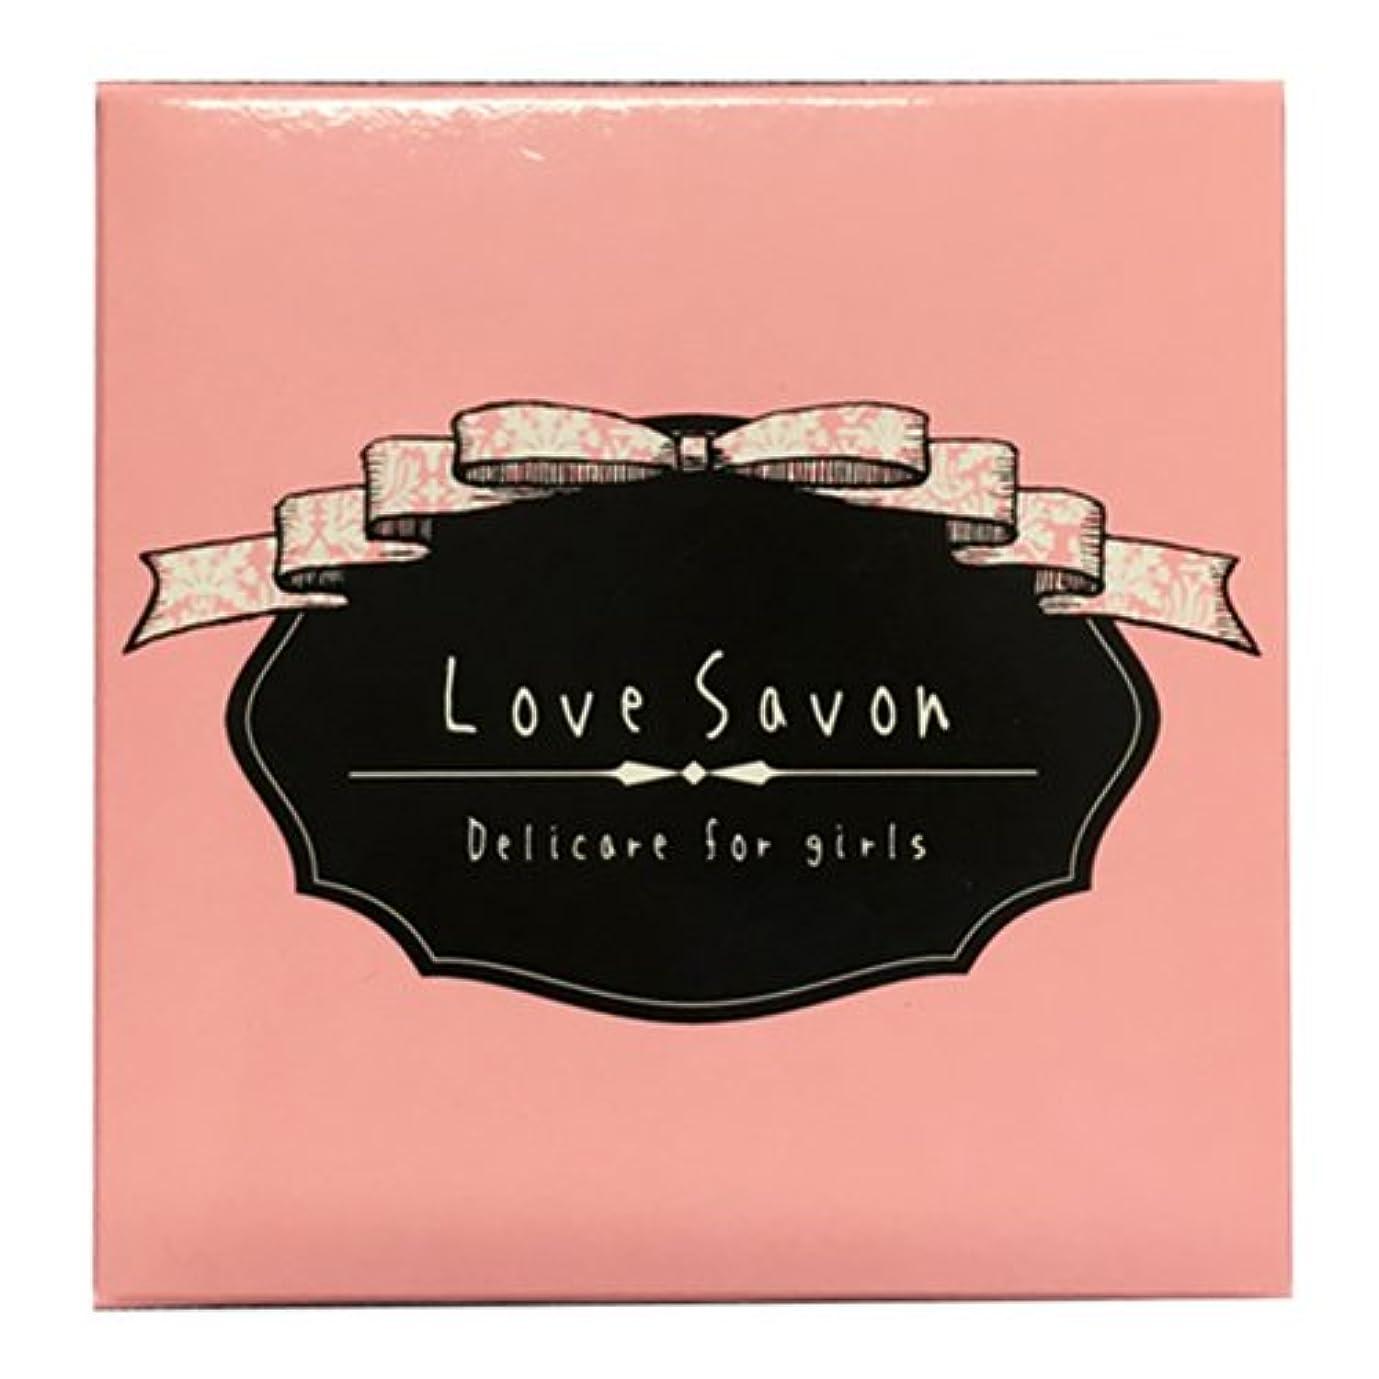 もりんご爆弾Love Savon ラブサボン